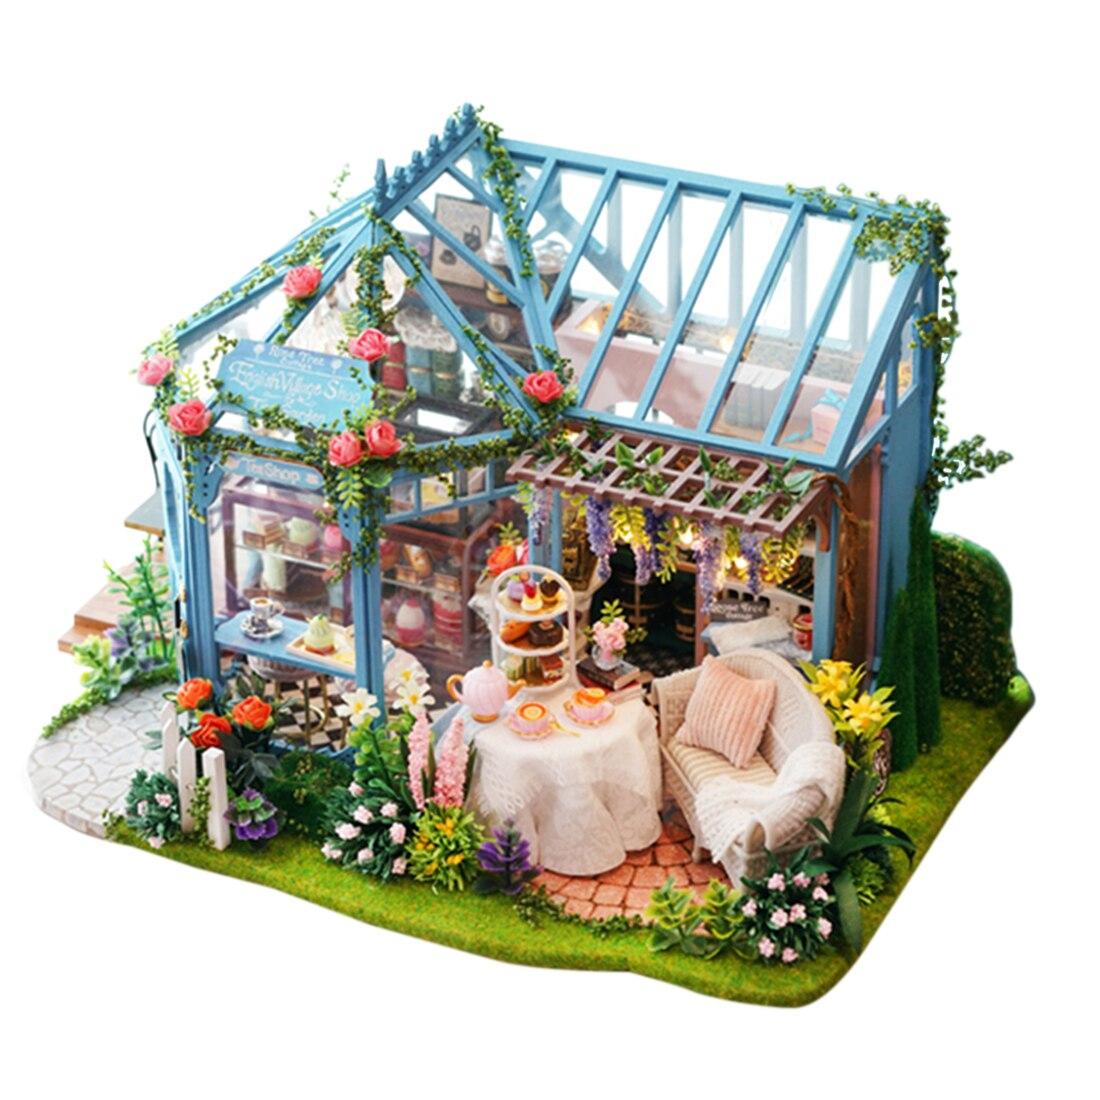 Bricolage cabine jouet modèle ensemble en bois Rose jardin thé maison artisanat à la main assemblée maison modèle cadeau avec musique légère et couverture de poussière